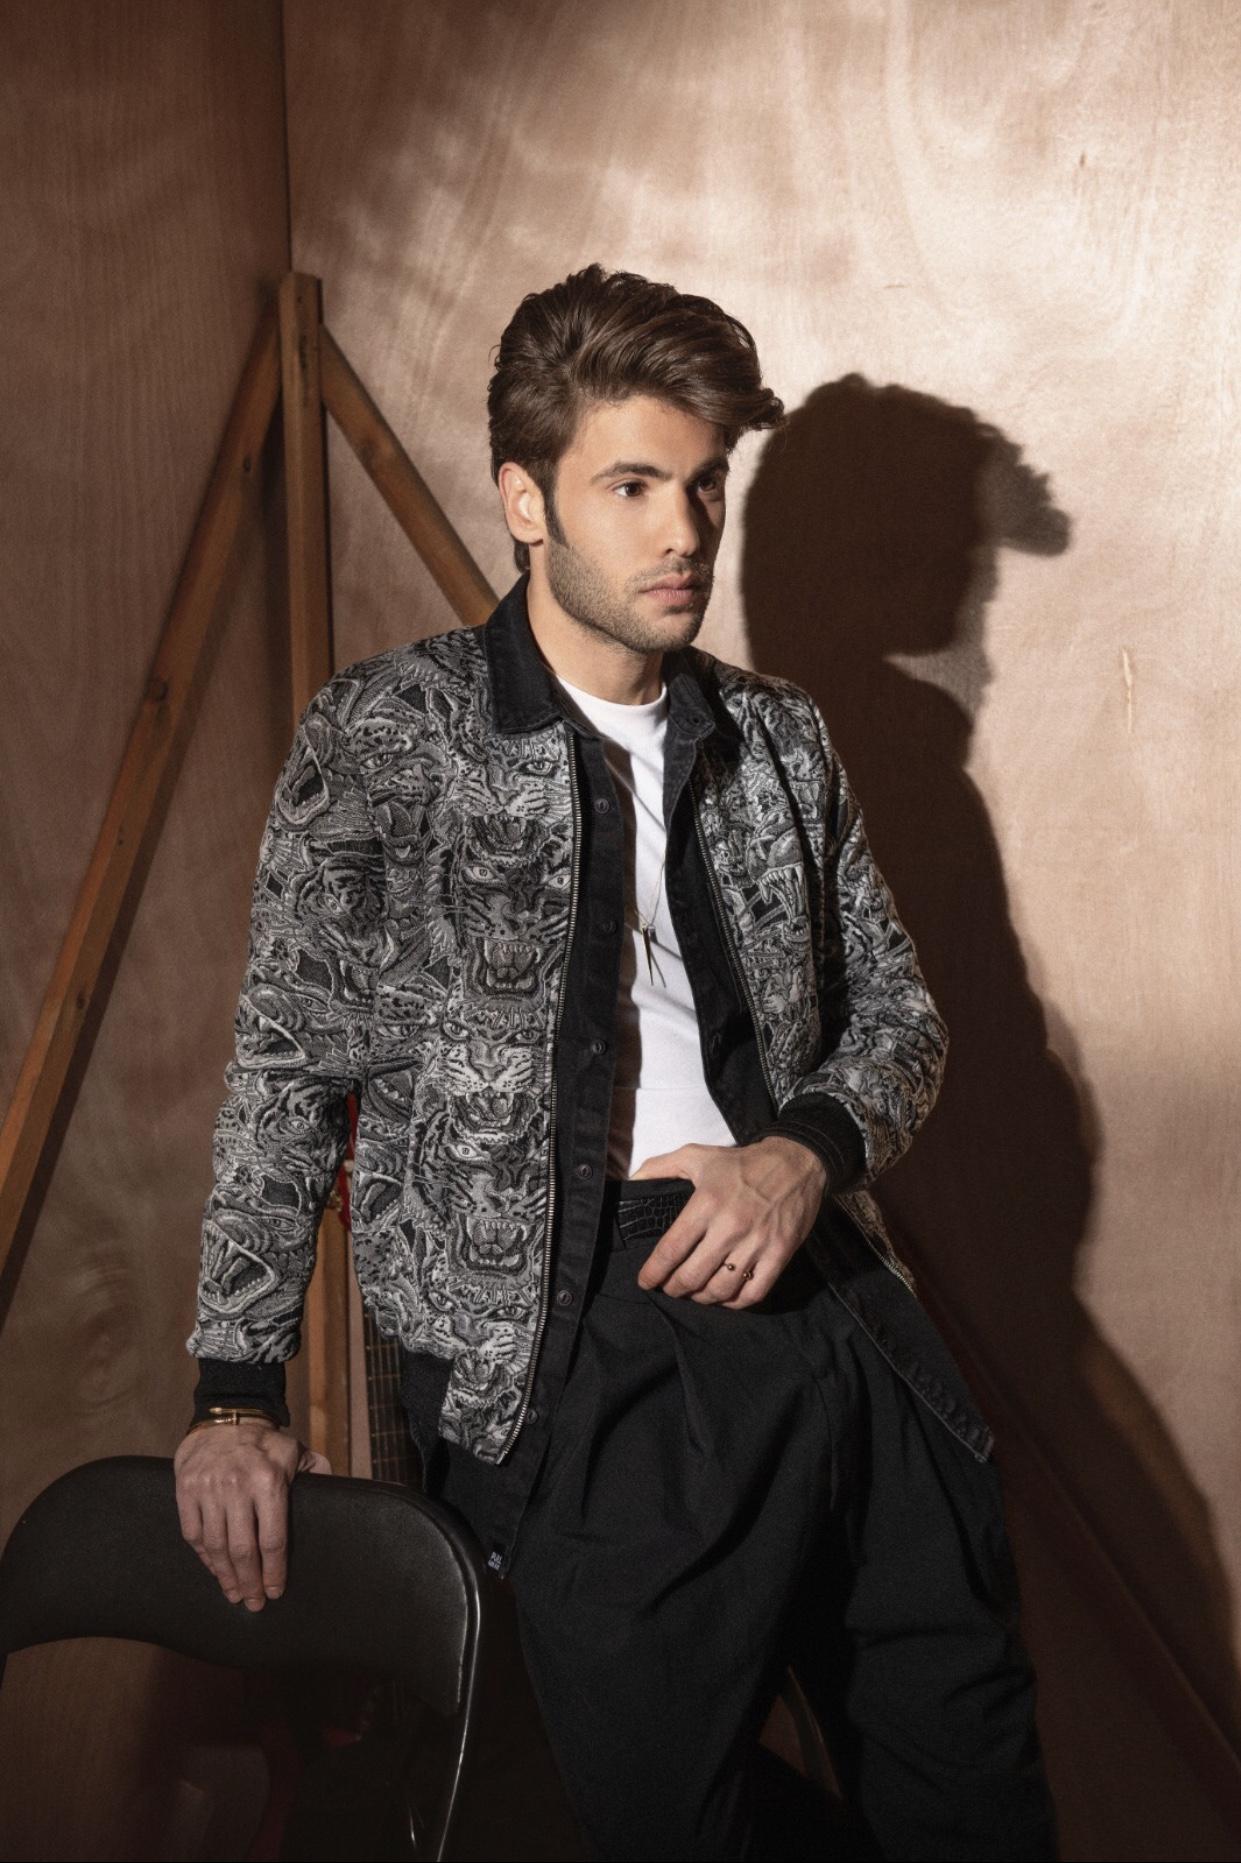 בומבר - Zara, ג׳קט ג׳ינס שחור - Pull and bear, טי שירט - Castro, מכנסיים - Zara, חגורה - Bershka, תכשיטים - AIN KER